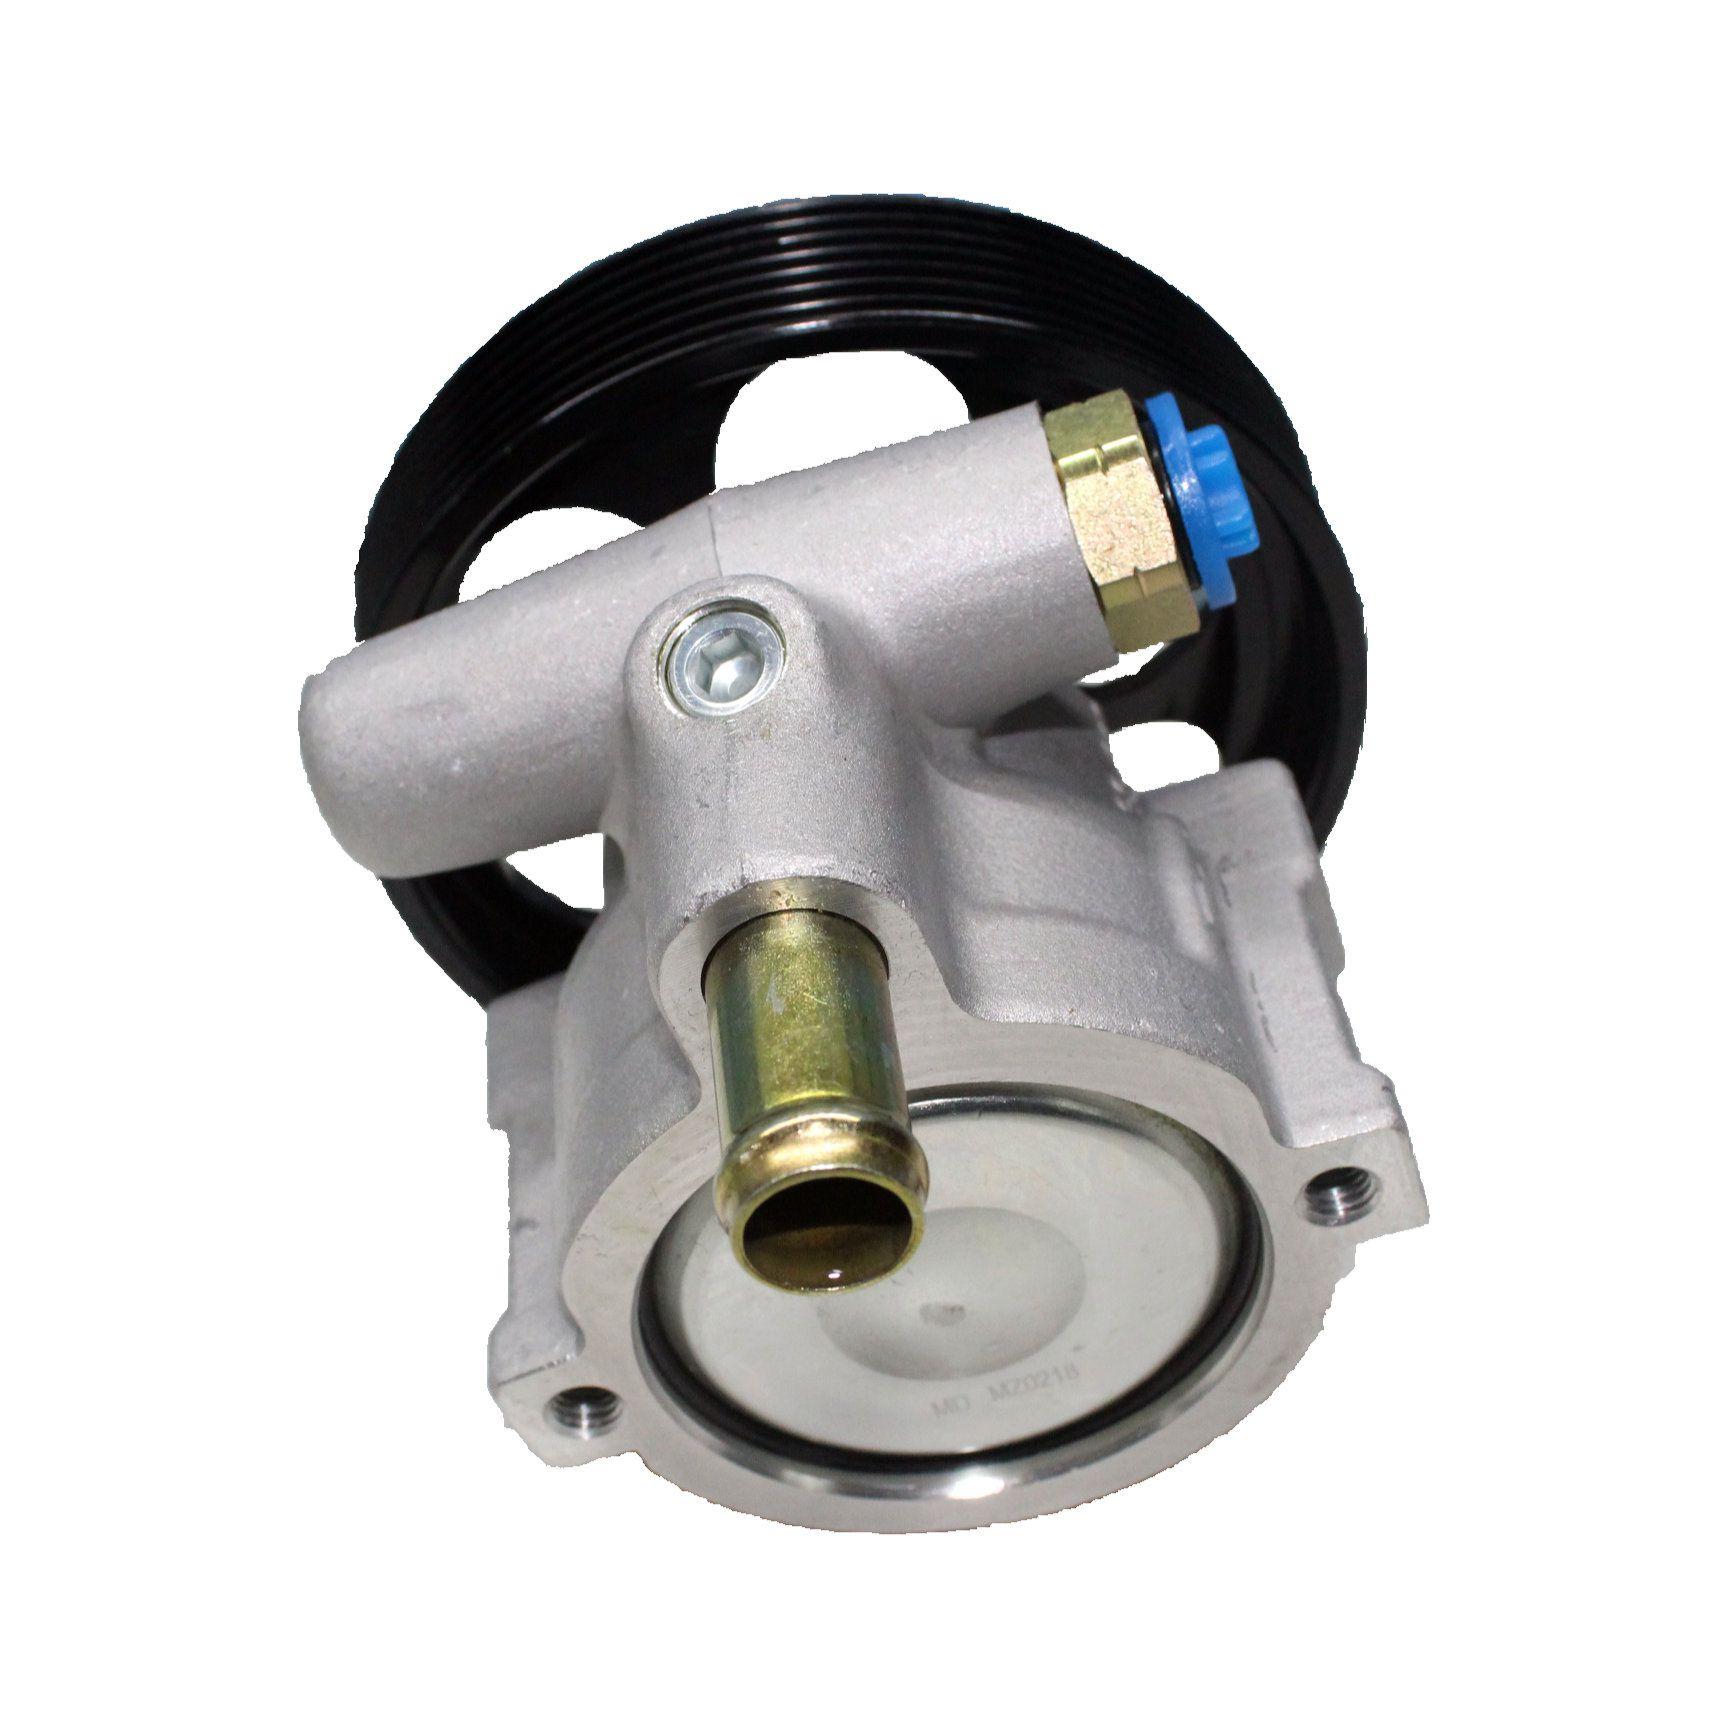 Bomba Direção Hidraulica Renault Duster 2.0 - Importada